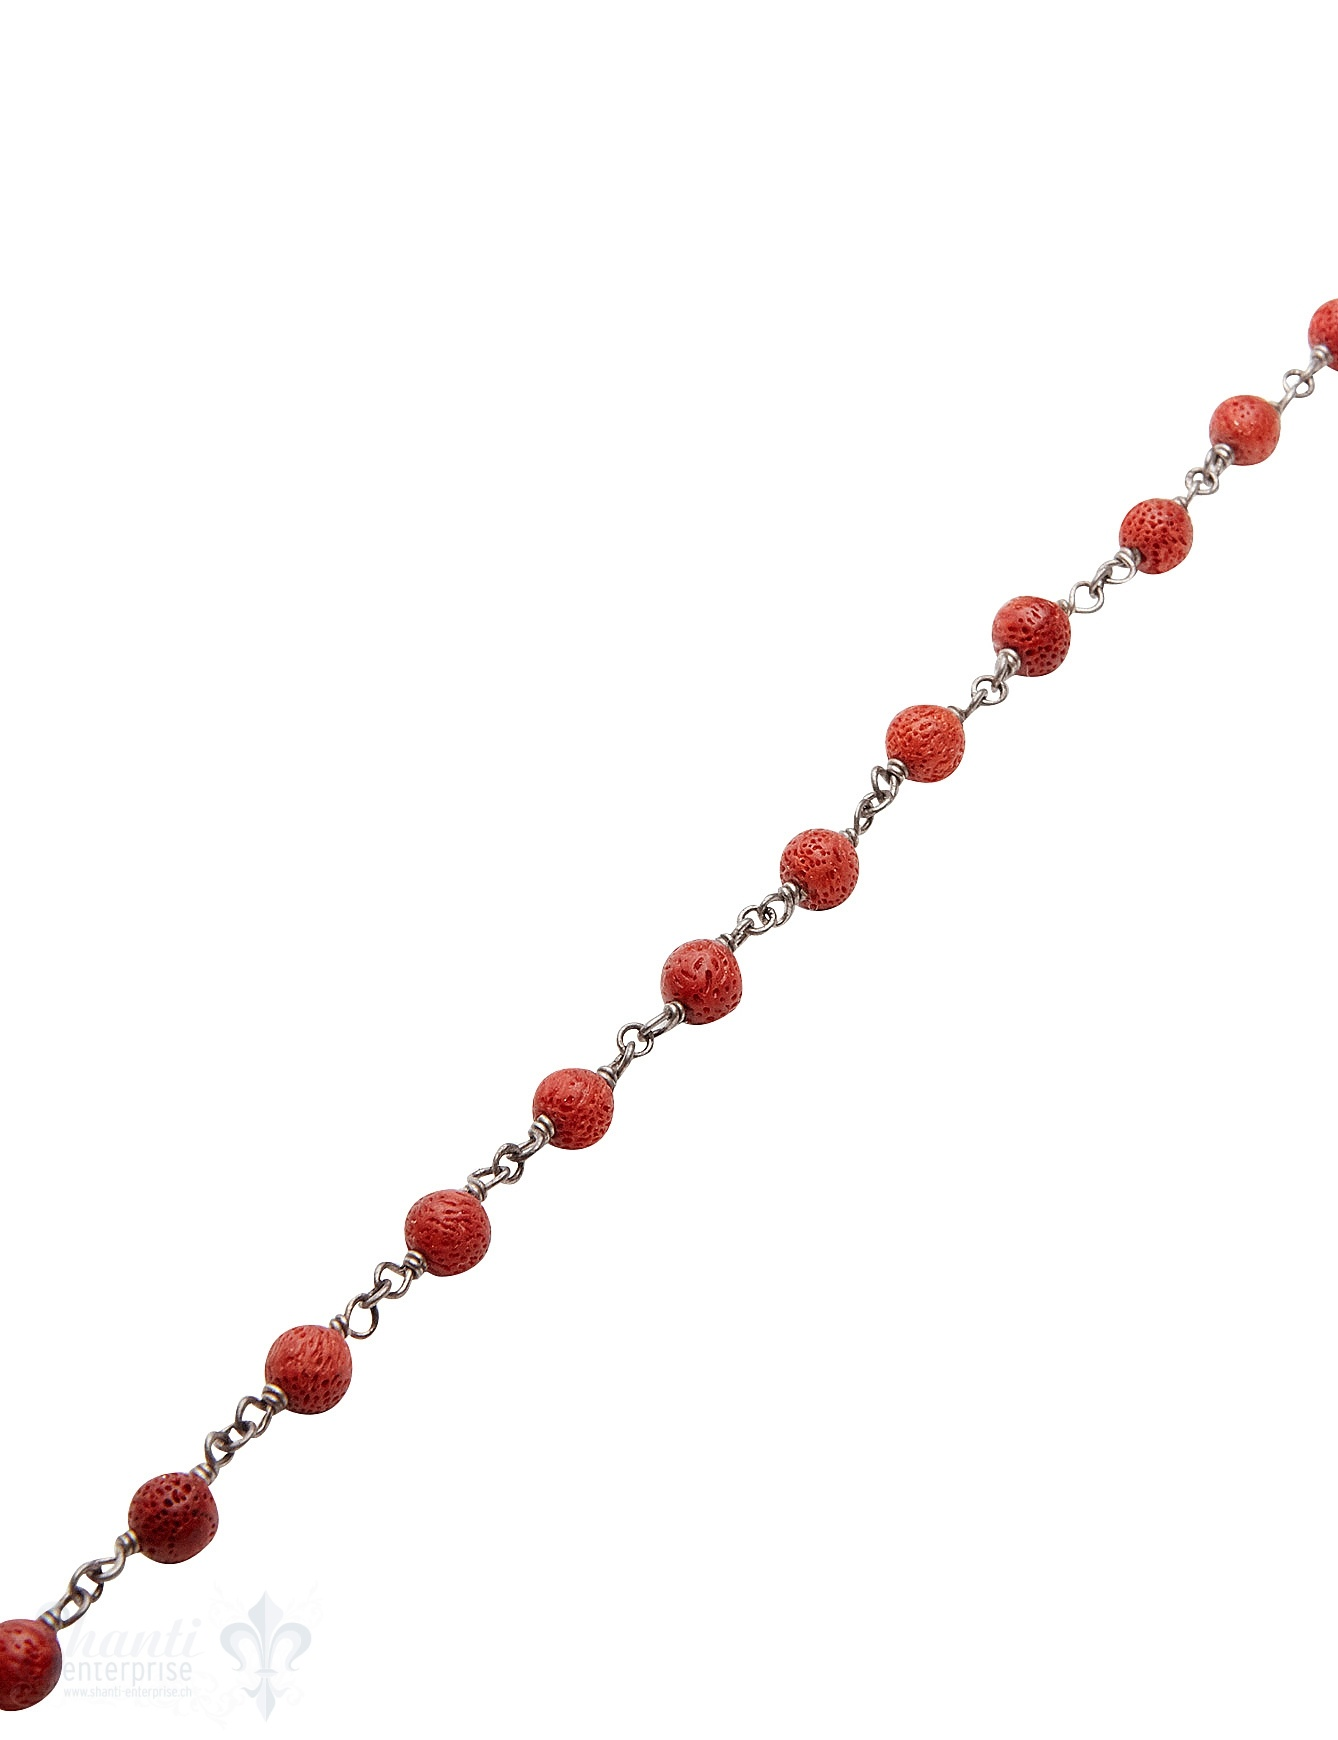 Rosenkranzkette Schaumkoralle rot 5 mm rund polier